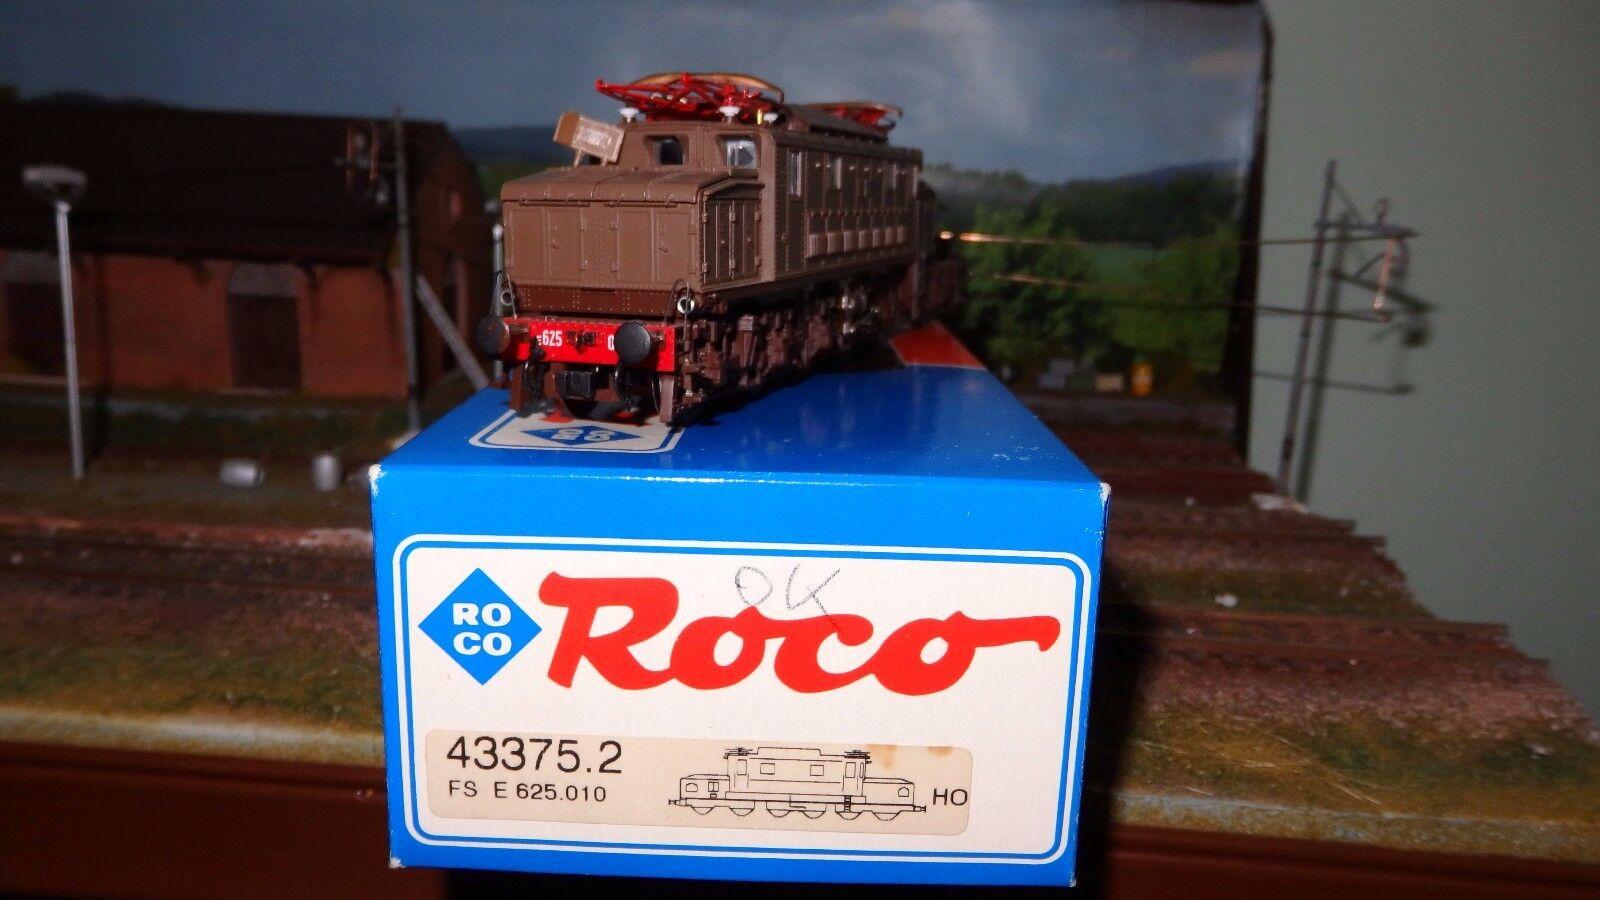 ROCO 43375.2 E625 010 Castano/isabella 4a serie, con compressore meccanico FS